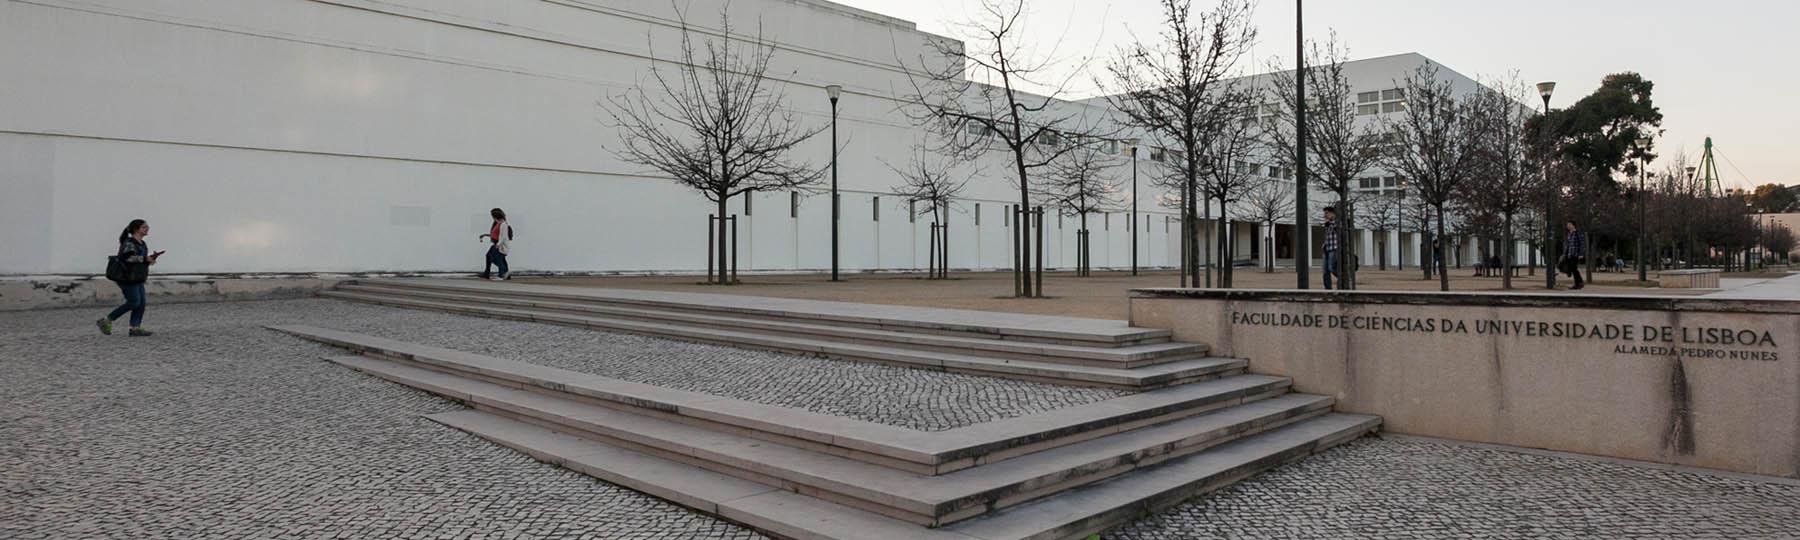 Faculdade de Ciências da Universidade de Lisboa3